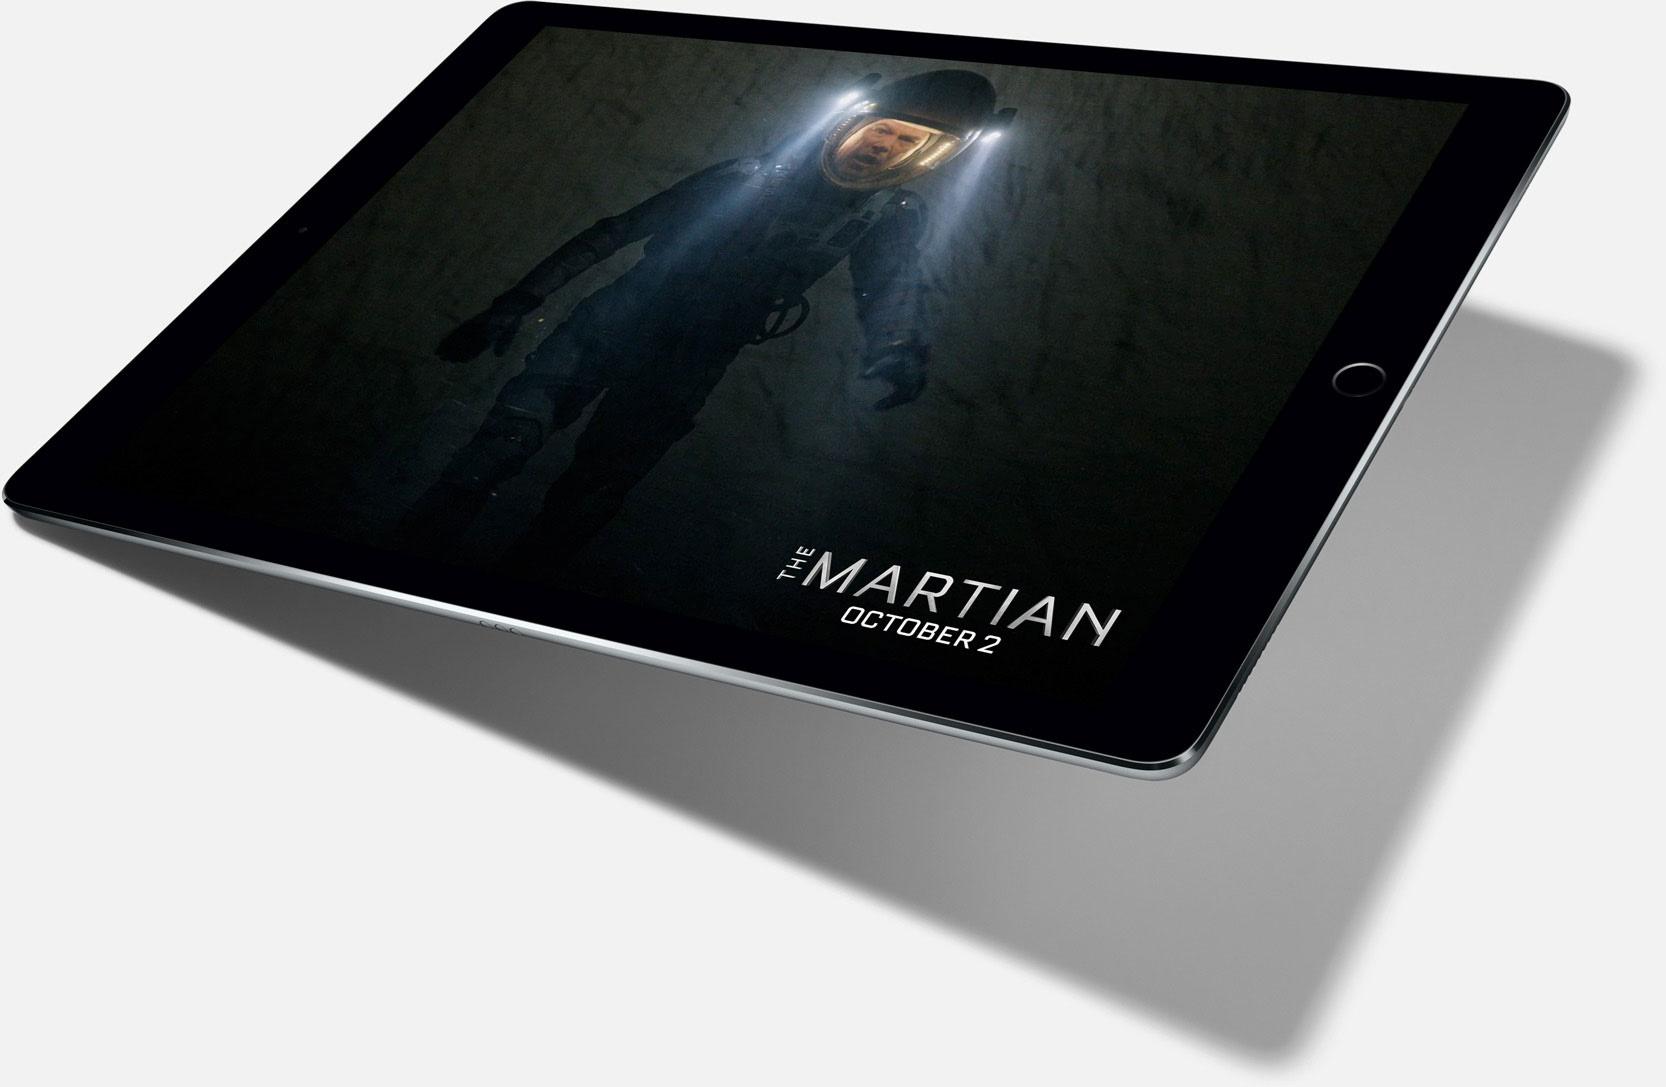 تبلت جدید اپل چه ویژگیهایی دارد؟/همکاری لاجیتک با اپل در ساخت کیبورد آی پد پرو تبلت جدید اپل چه ویژگیهایی دارد؟/همکاری لاجیتک با اپل در ساخت کیبورد آی پد پرو 15 9 10 105839rich listening experience large